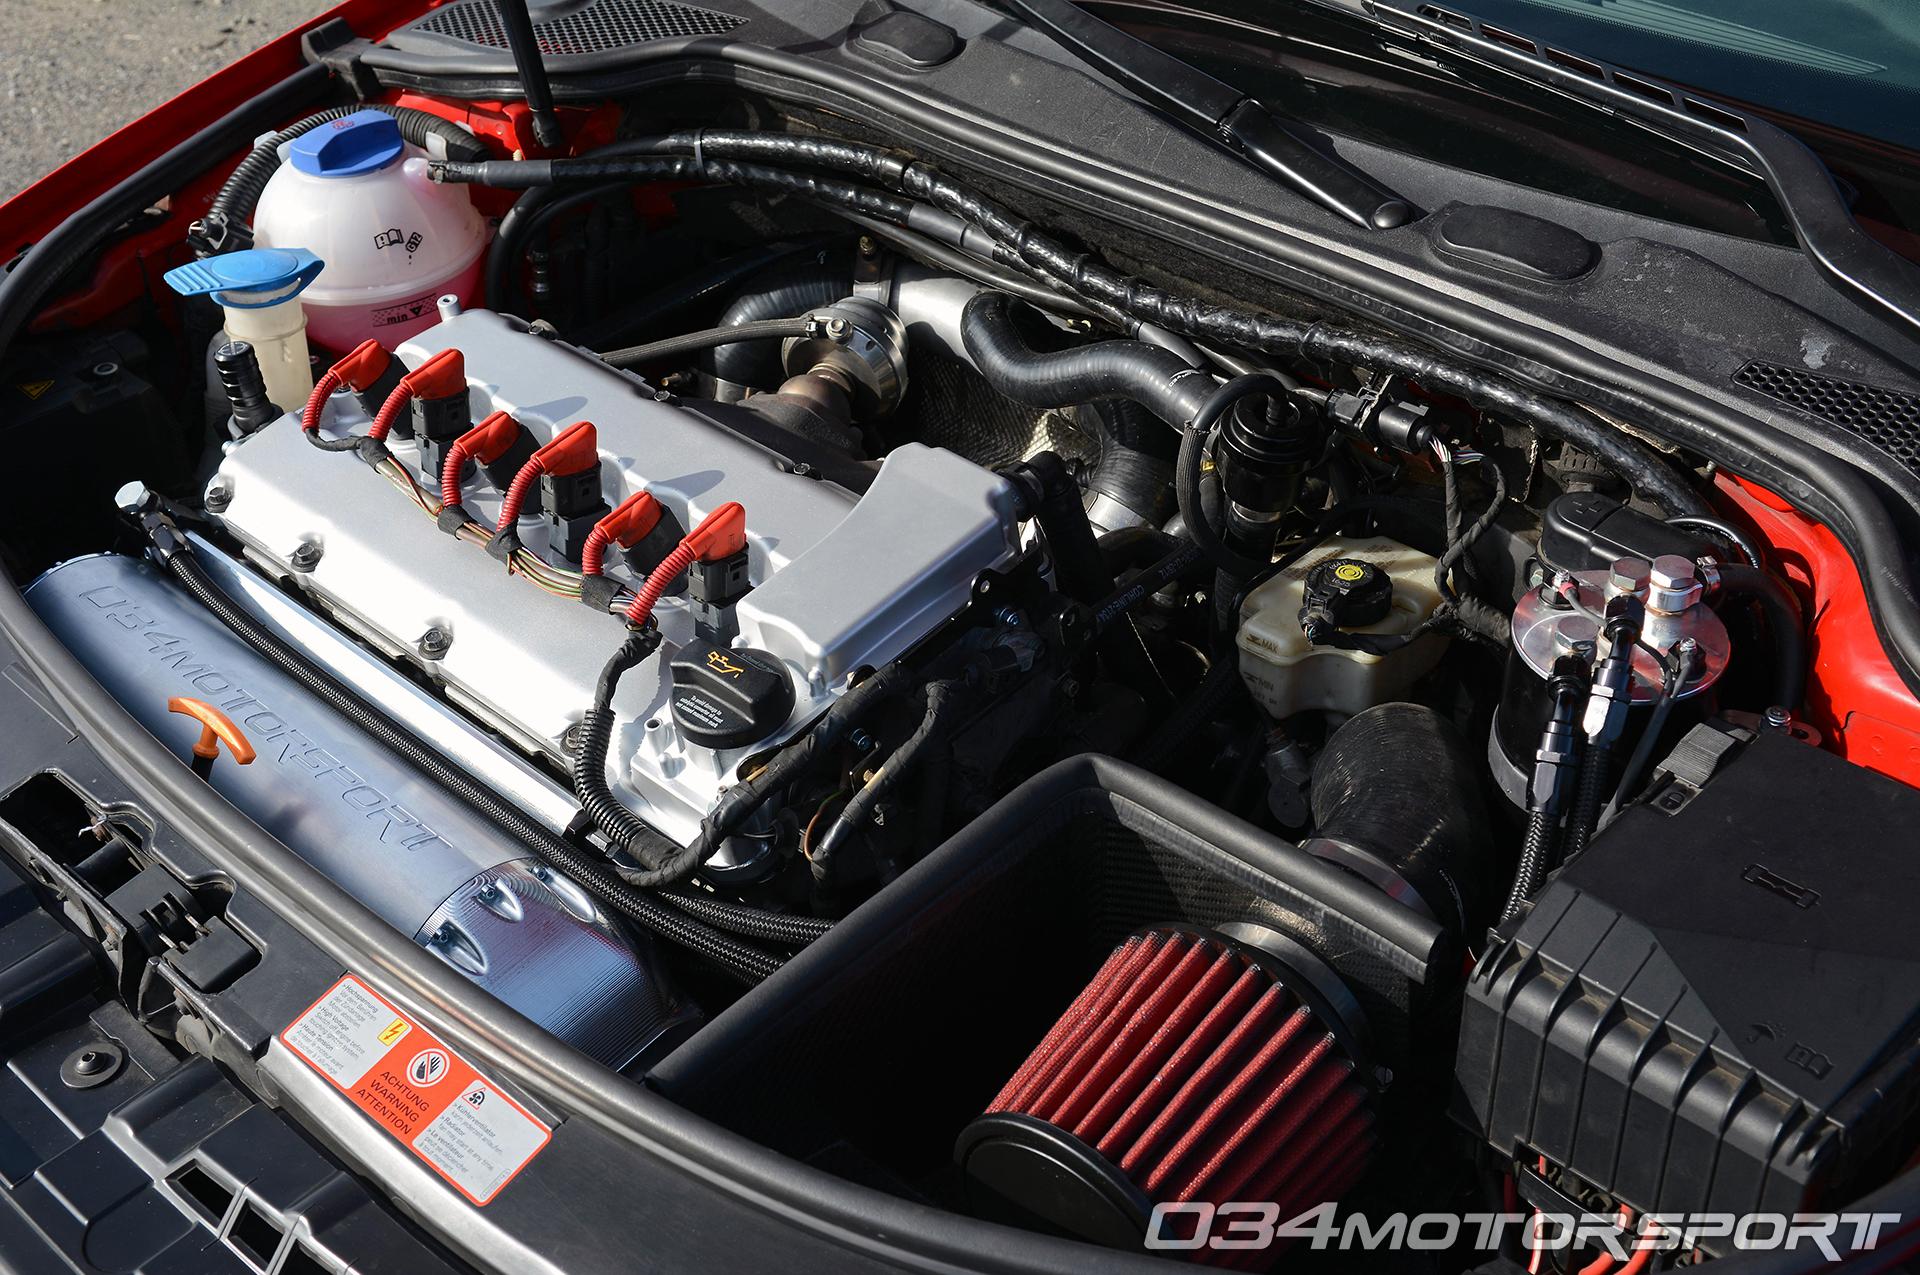 hight resolution of 2003 jetta turbo engine diagram 2002 vw jetta cooling vr6 twin turbo kit vr6 turbo fuel